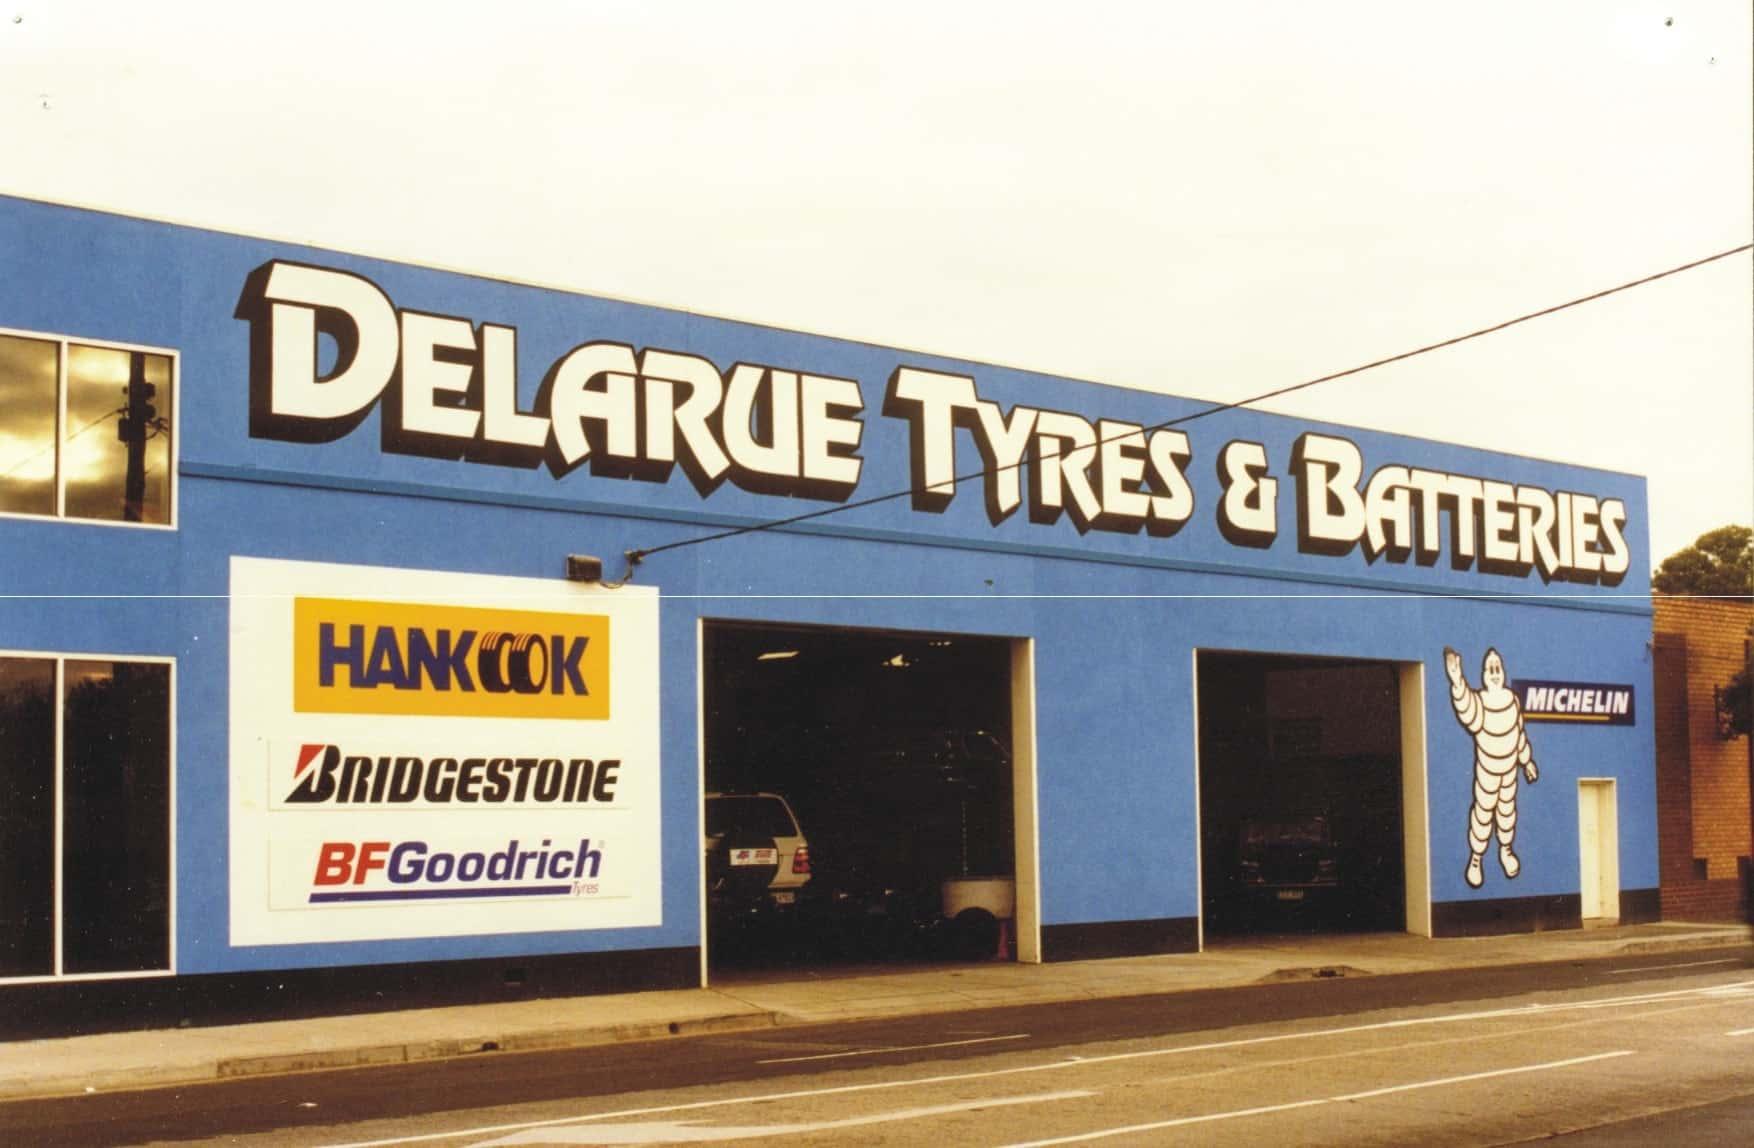 delarue tyres michelin building signage